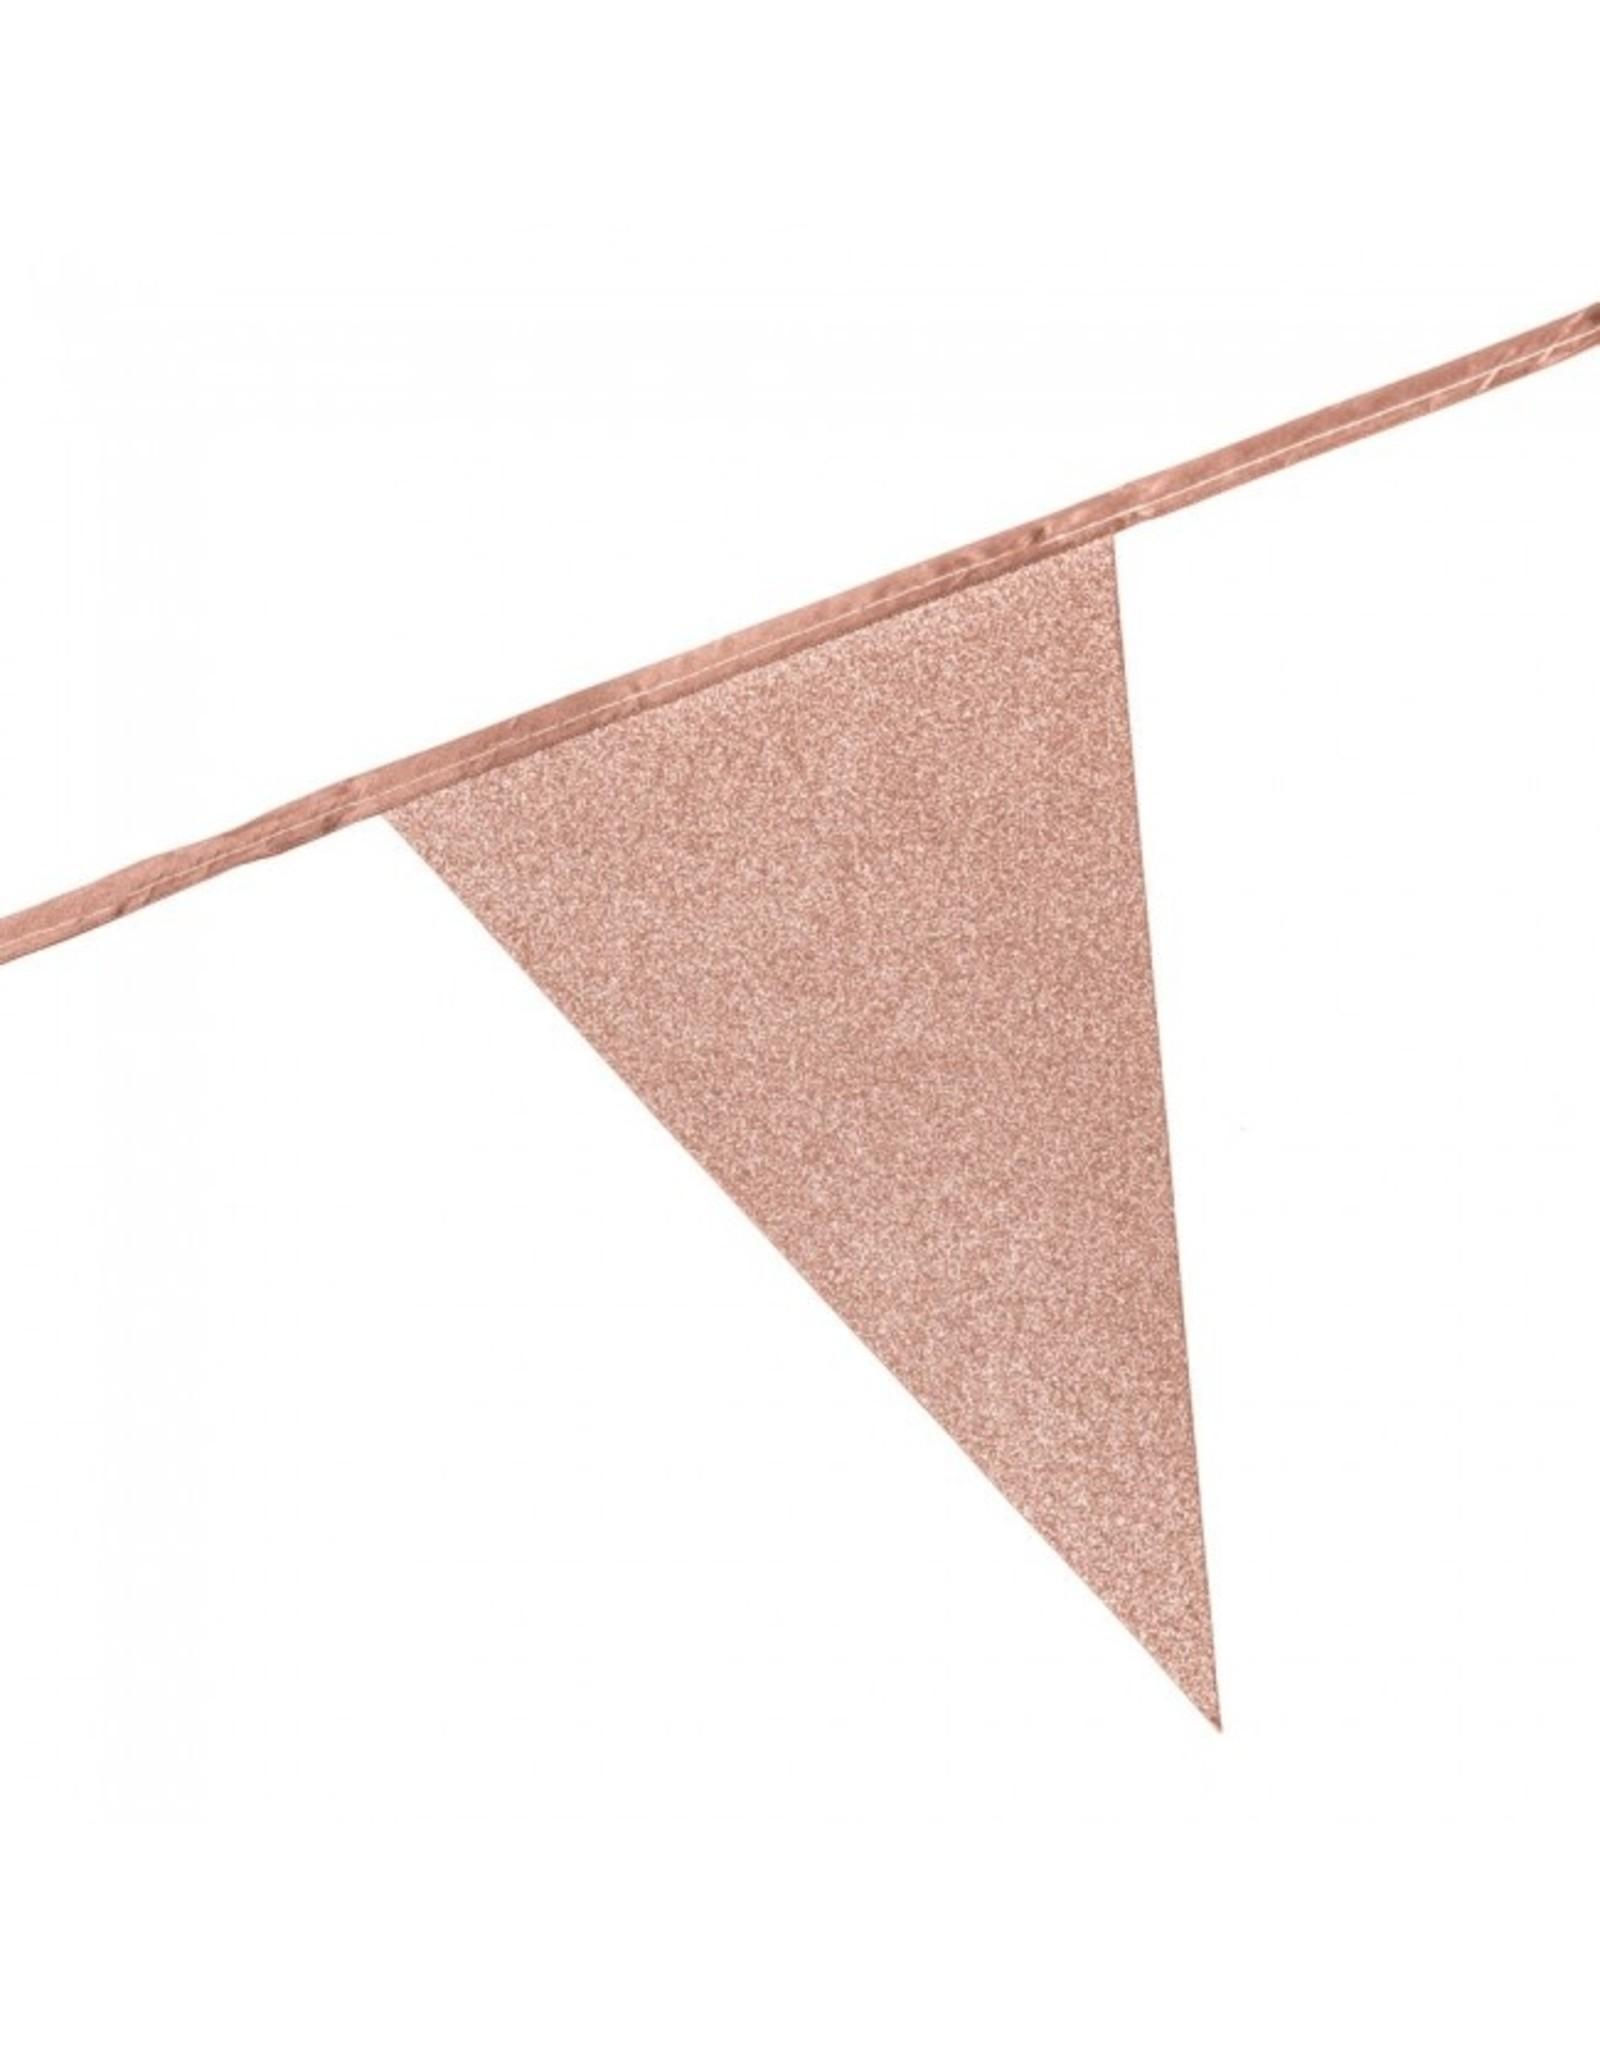 Vlaggenlijn rosé gold: 6m